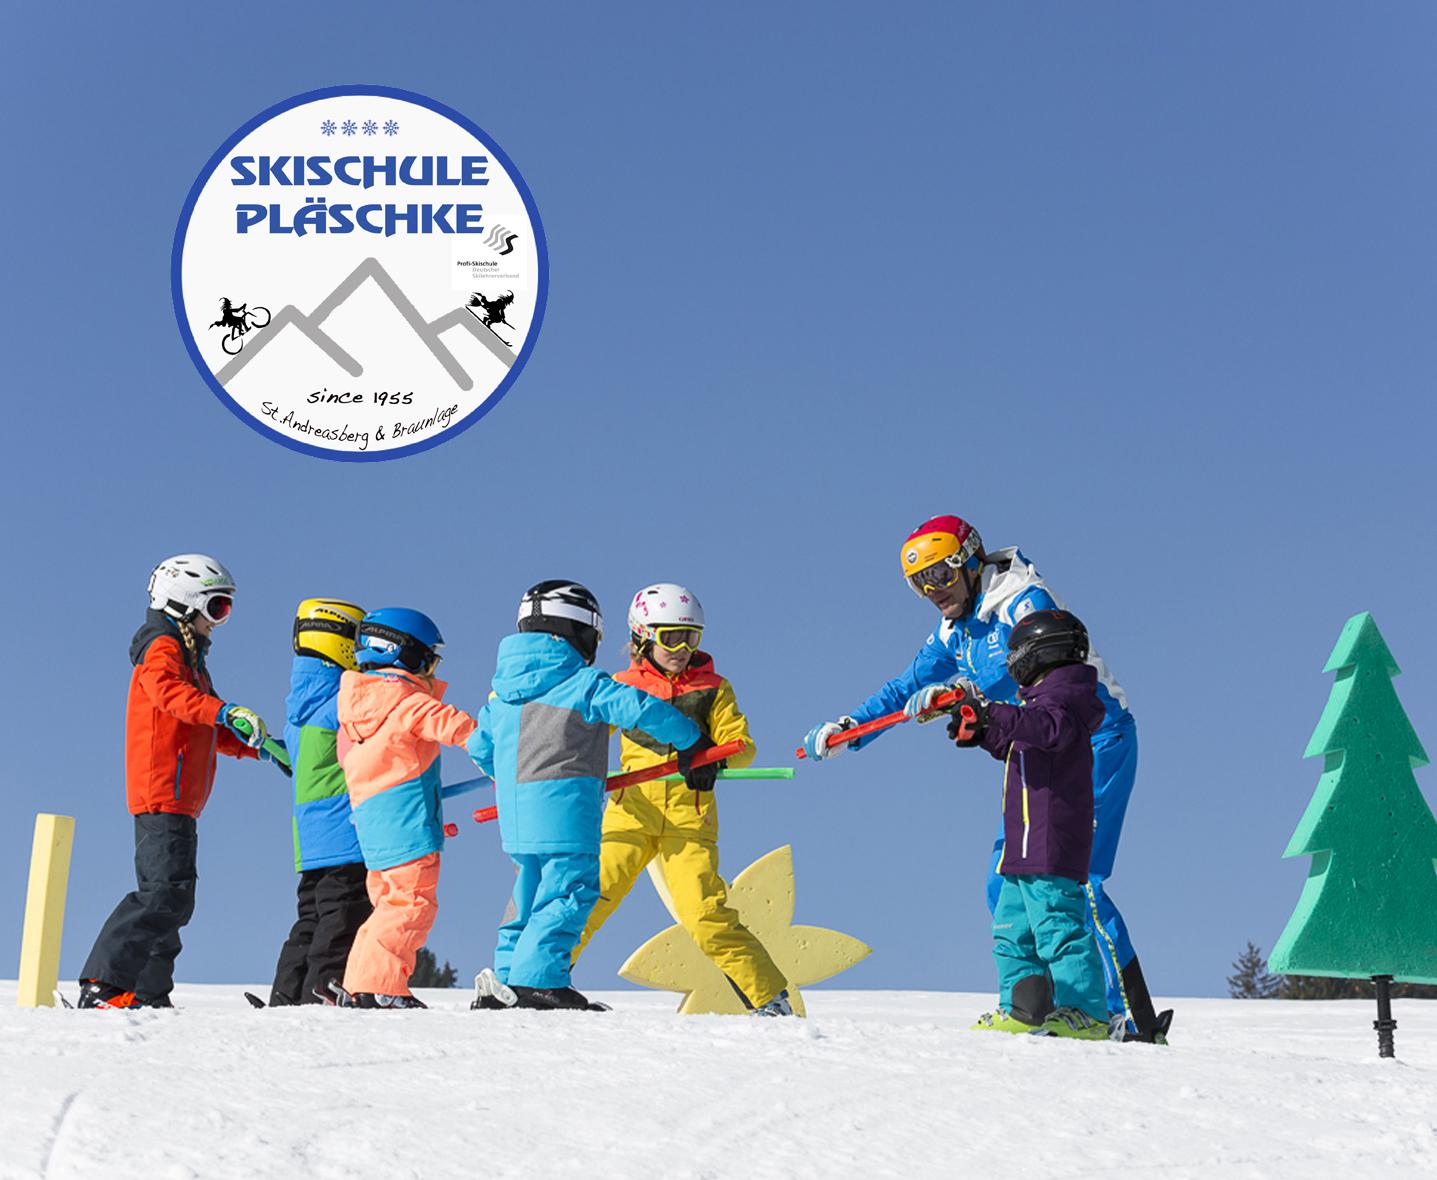 Skischule Pläschke 2.jpg